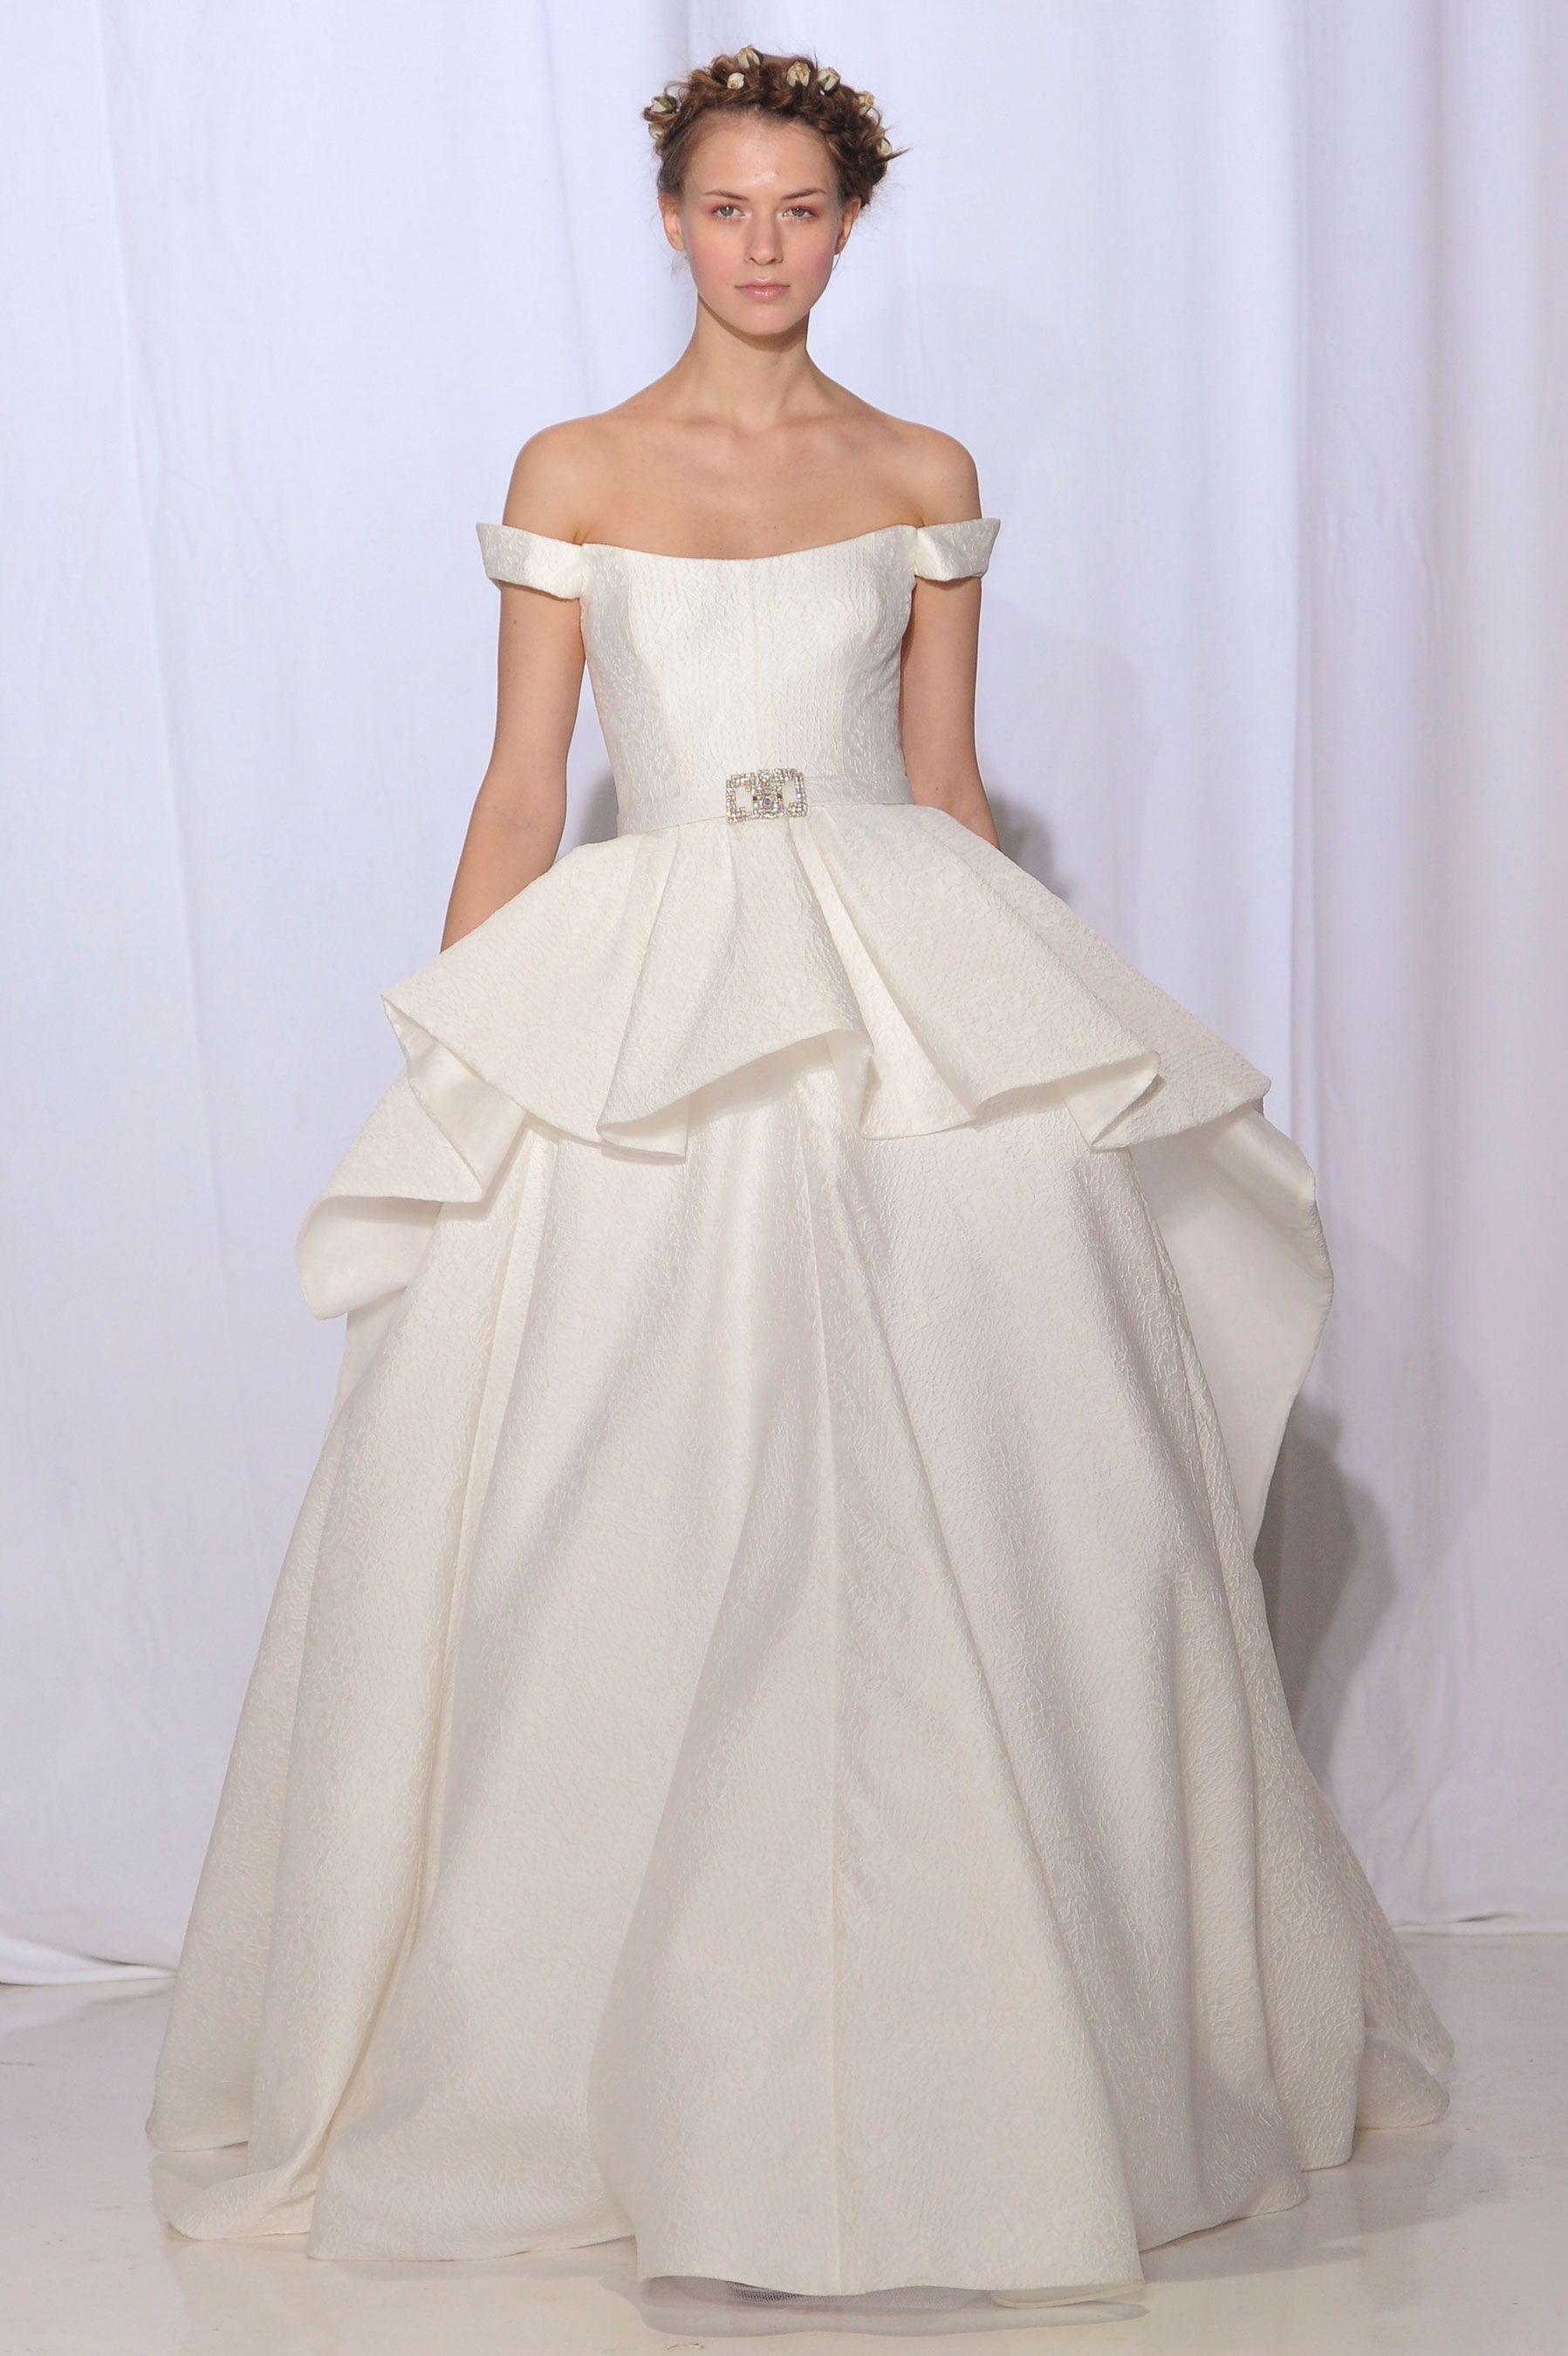 Schön Wedding Dresses For Big Hips Fotos - Brautkleider Ideen ...